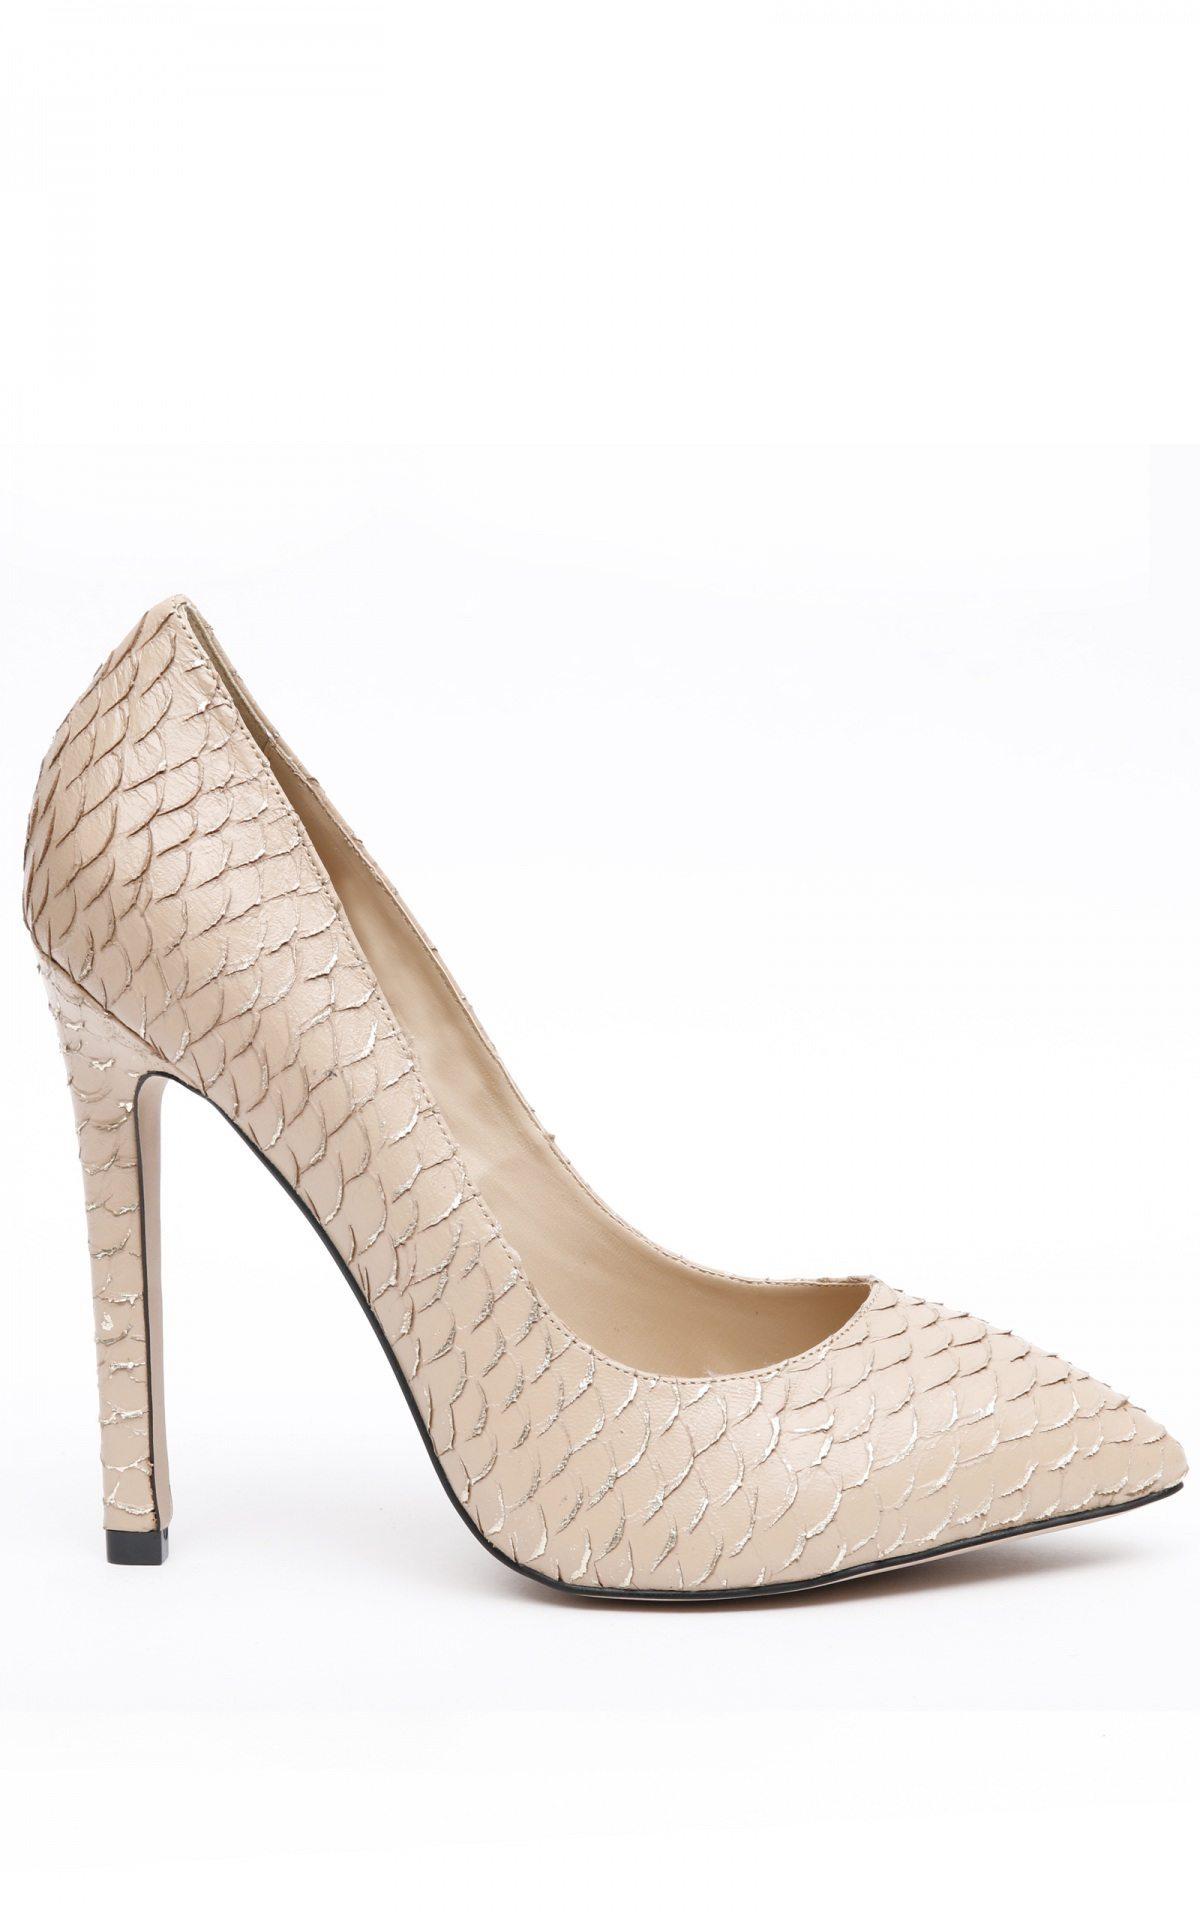 Pantofi cu toc pantofi expa887 nissa - Toc toc la shop ...